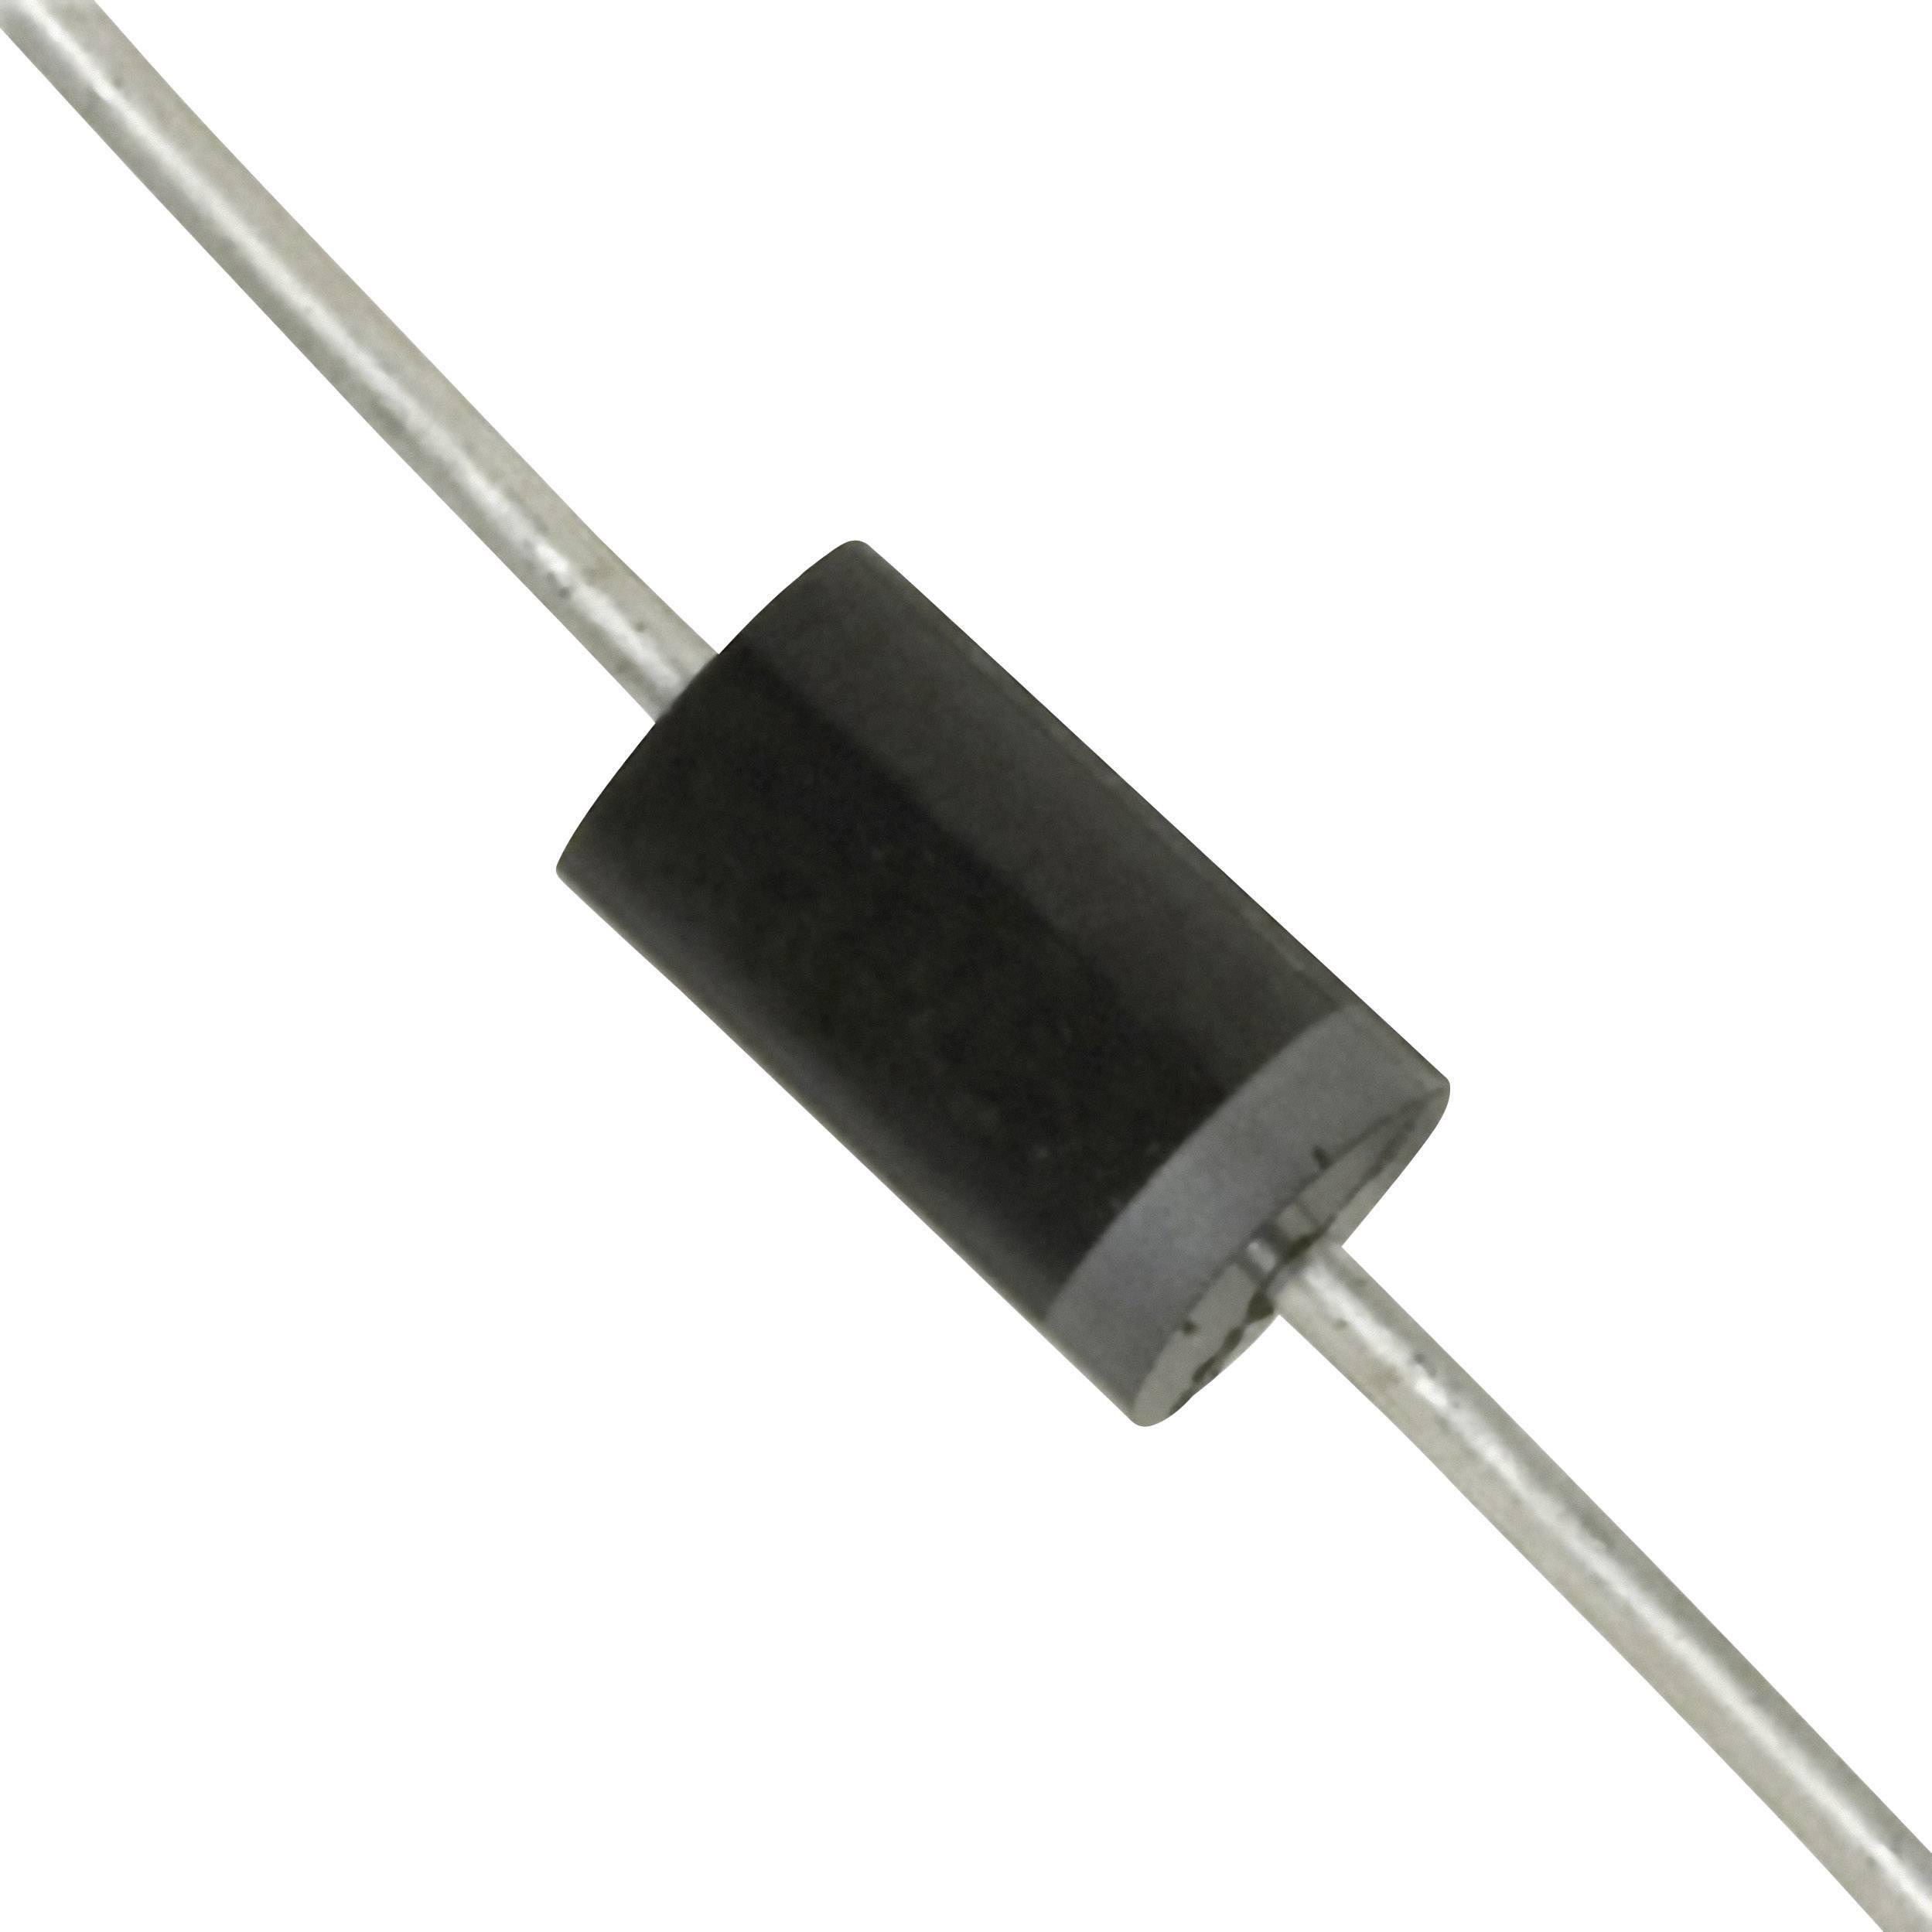 Zenerova dioda Diotec 1N5349B, U(zen) 12 V